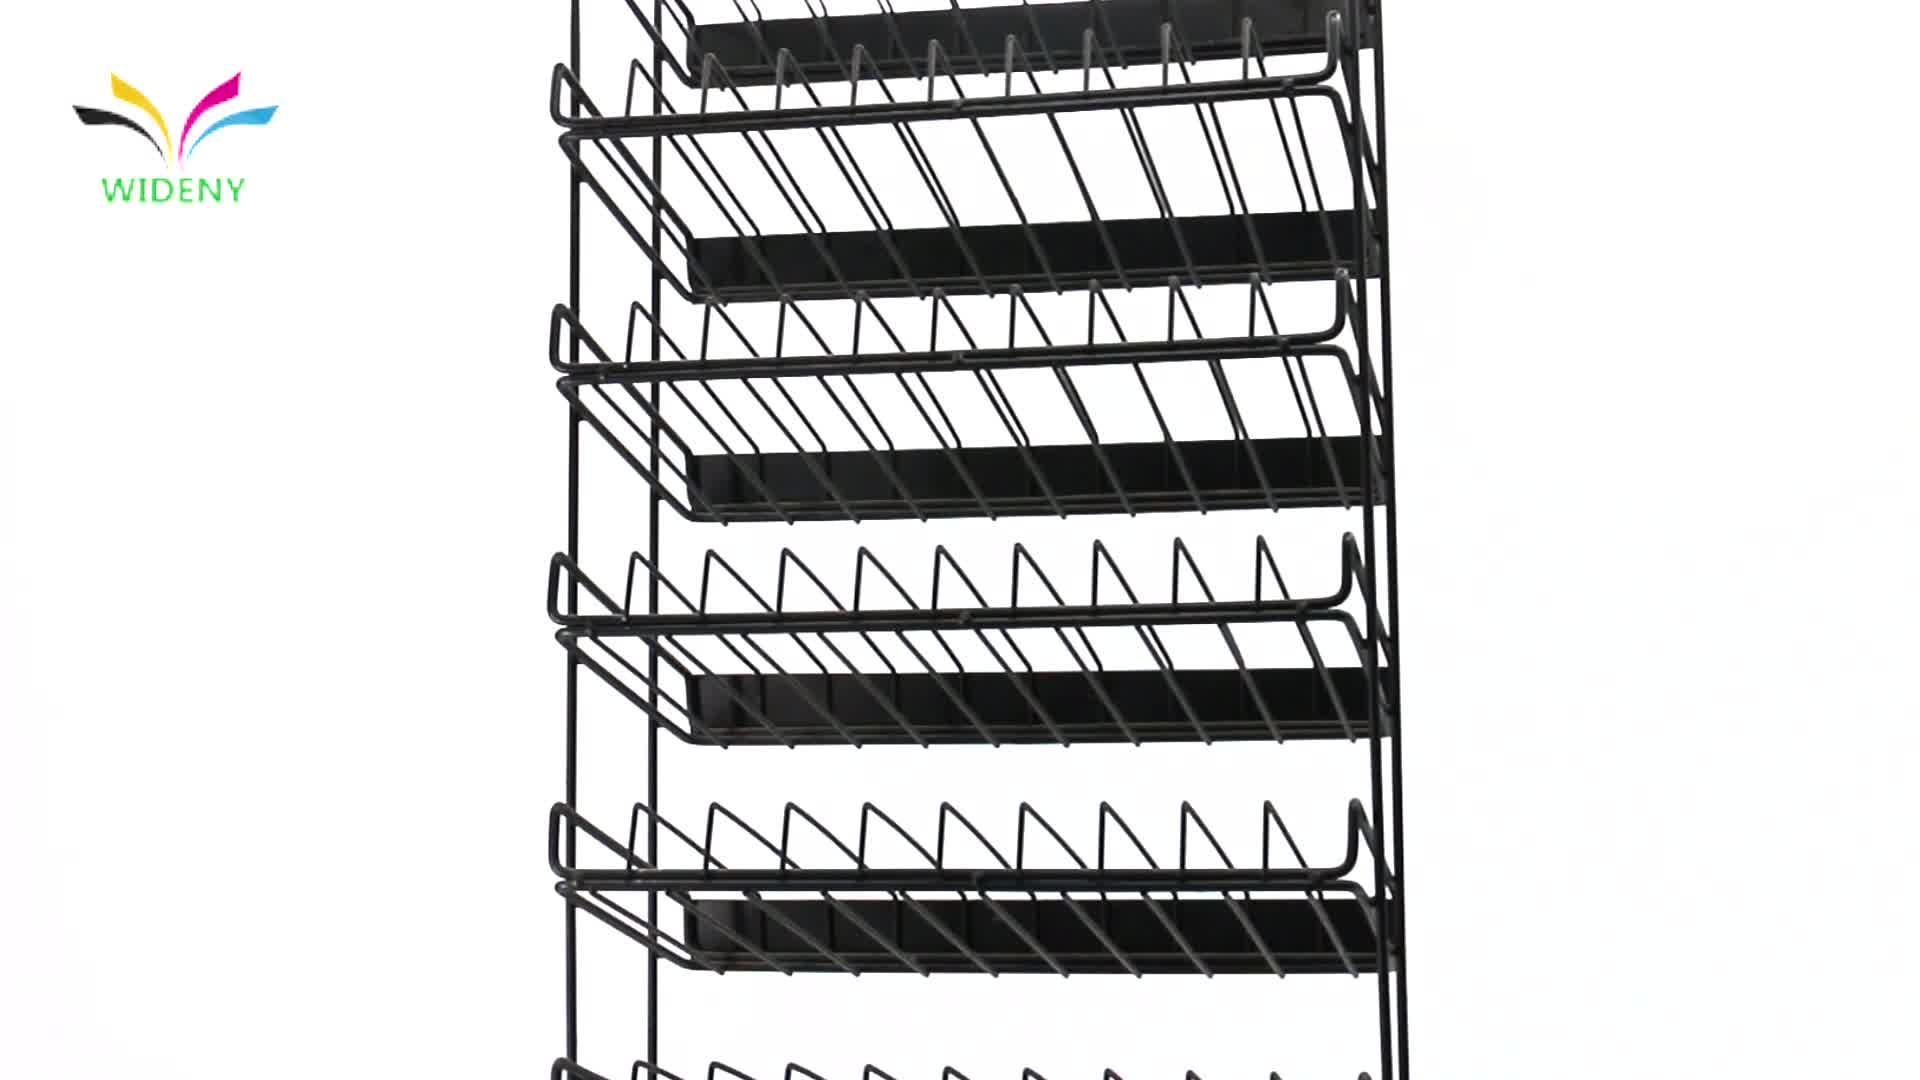 3 स्तरीय मंजिल foldable कुकी सुपरमार्केट किराने की दुकान खड़े हो जाओ खाद्य फल रोटी टोकरी के साथ लौह धातु वायर भंडारण प्रदर्शन रैक